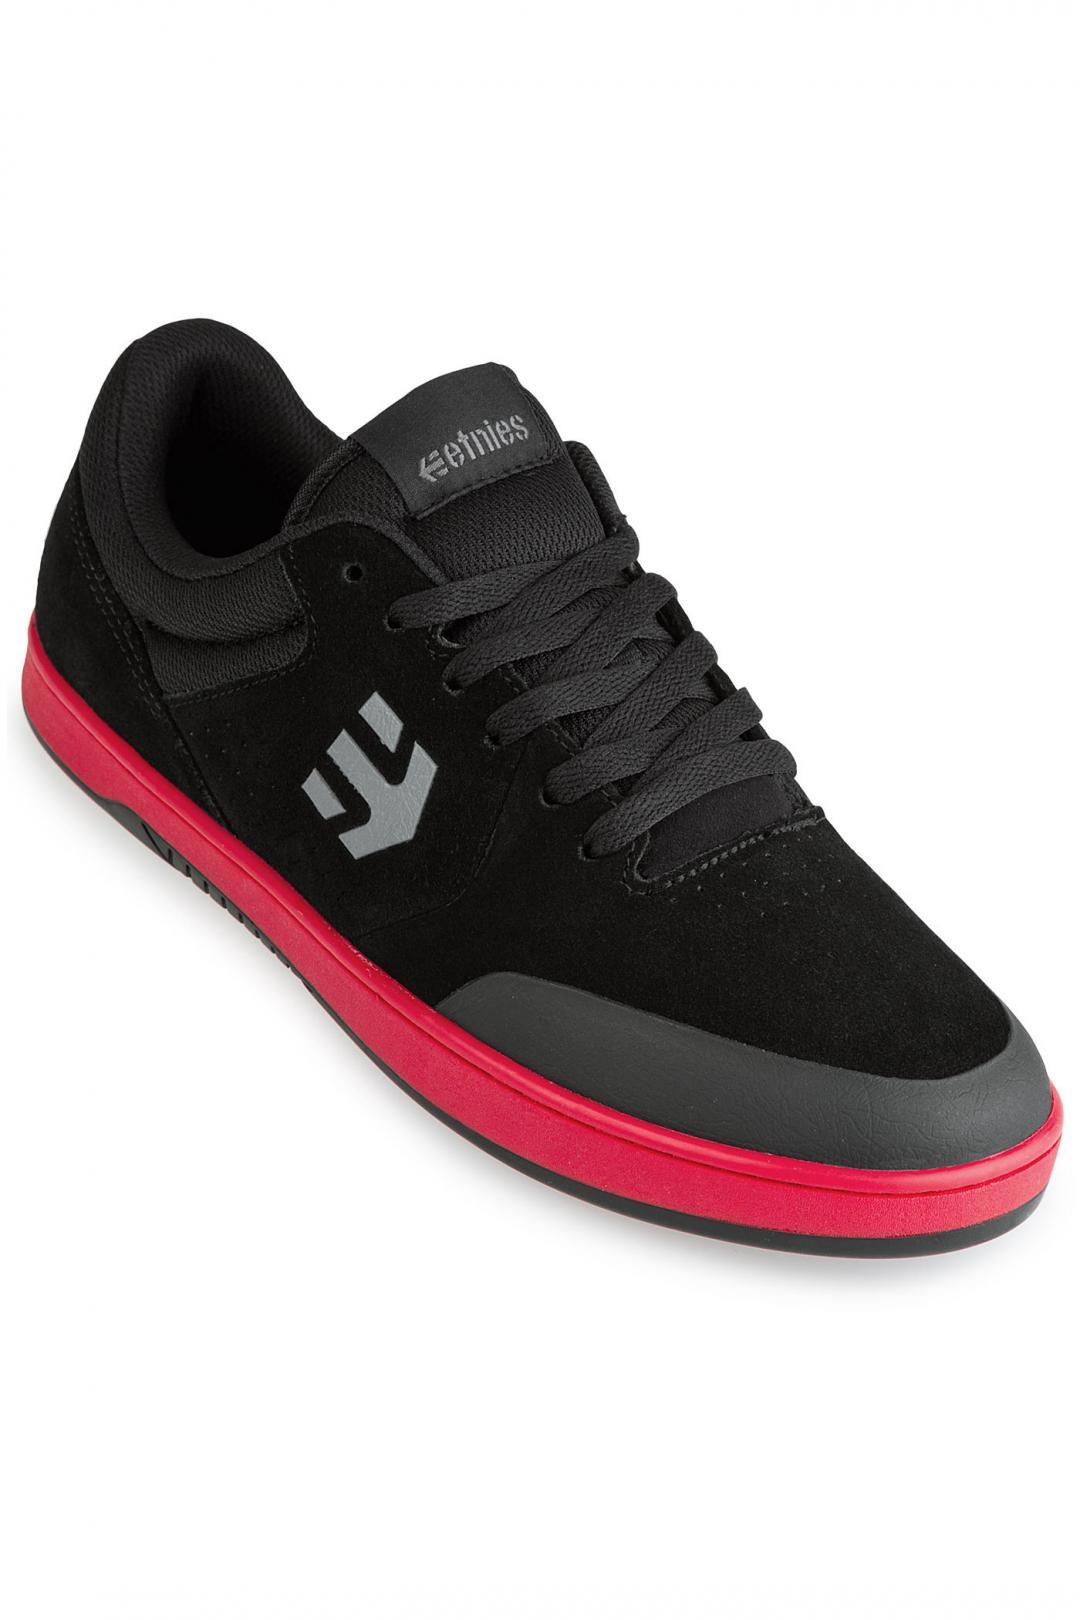 Uomo Etnies Marana black red black   Sneaker